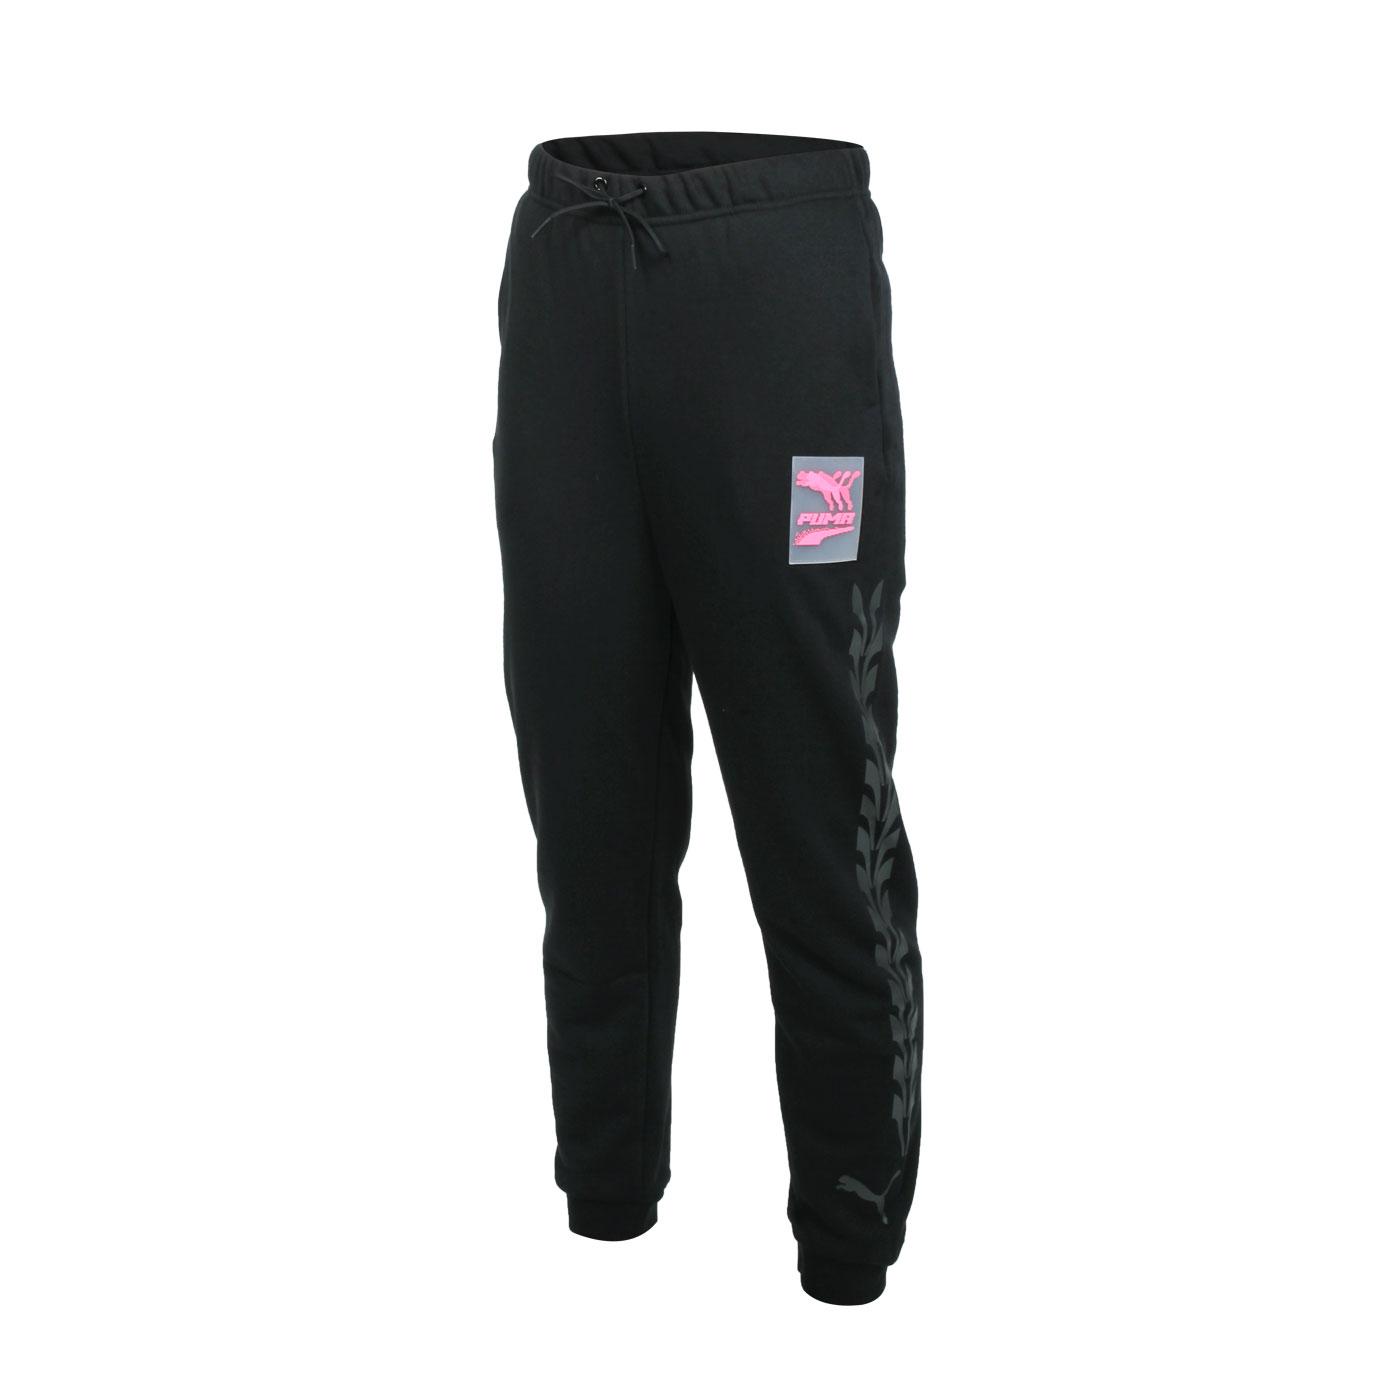 PUMA 女款流行系列運動長褲 59919051 - 黑透明粉灰